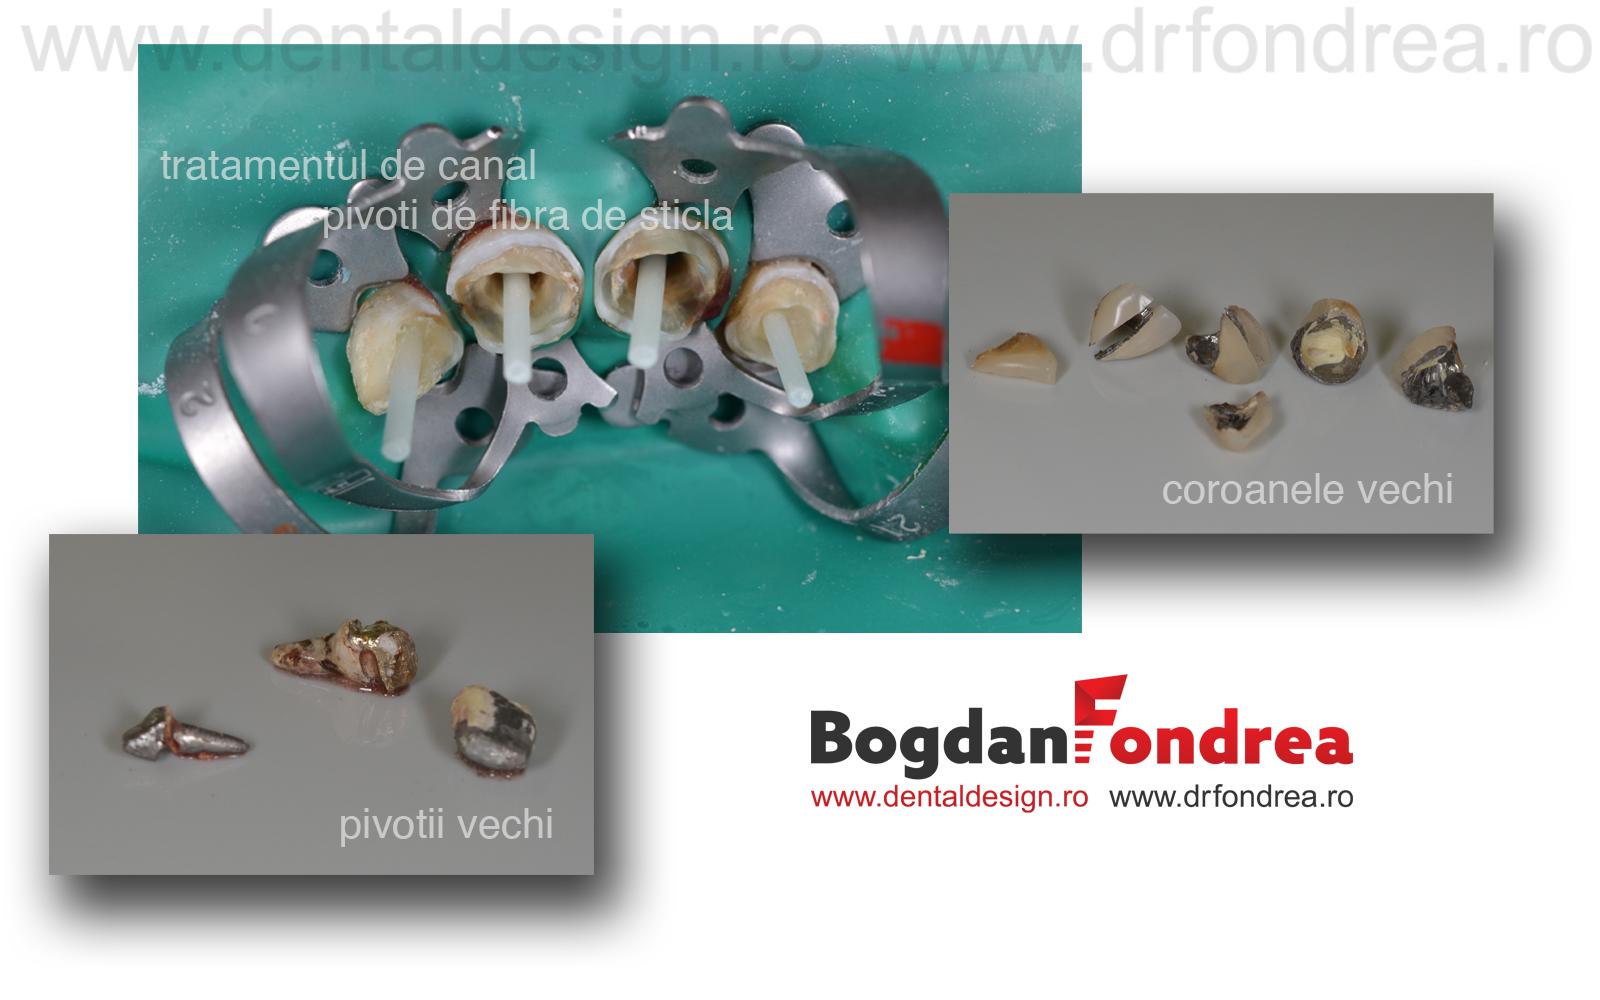 pivoti fibra de sticla endodontie